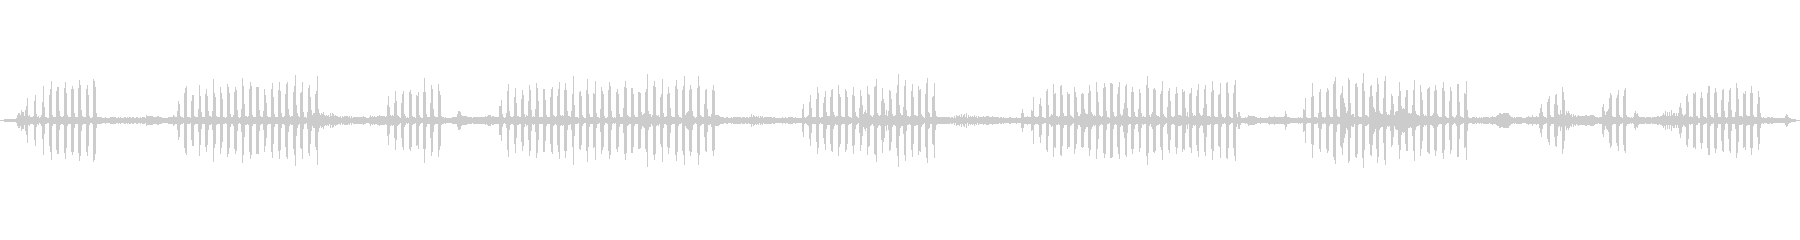 環境音 川の日鳥コール02の未再生の波形